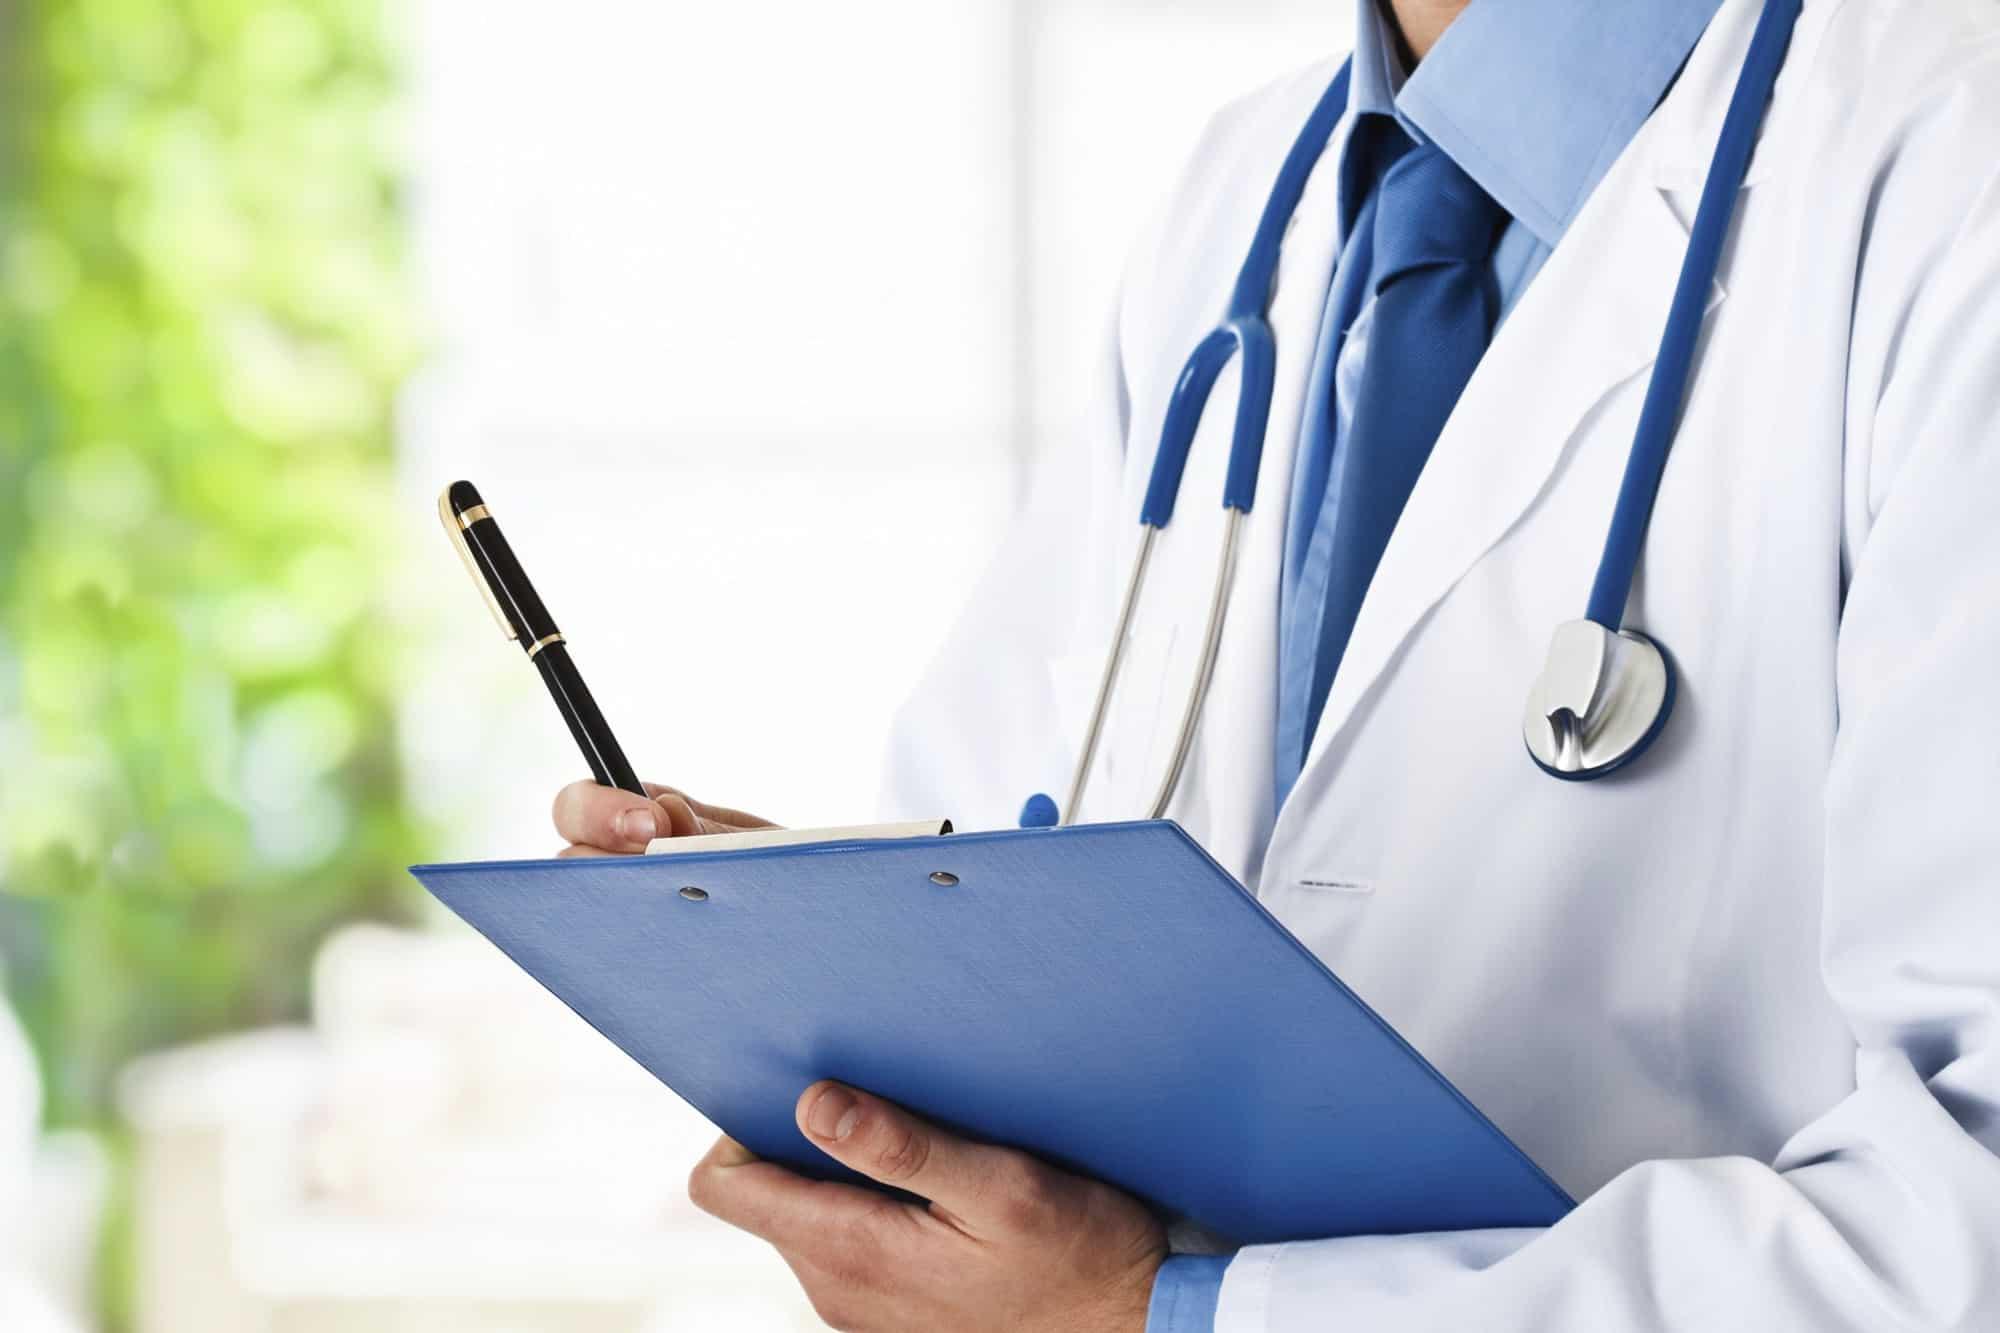 اعراض الحمل الاكيده بعد الابره التفجيريه